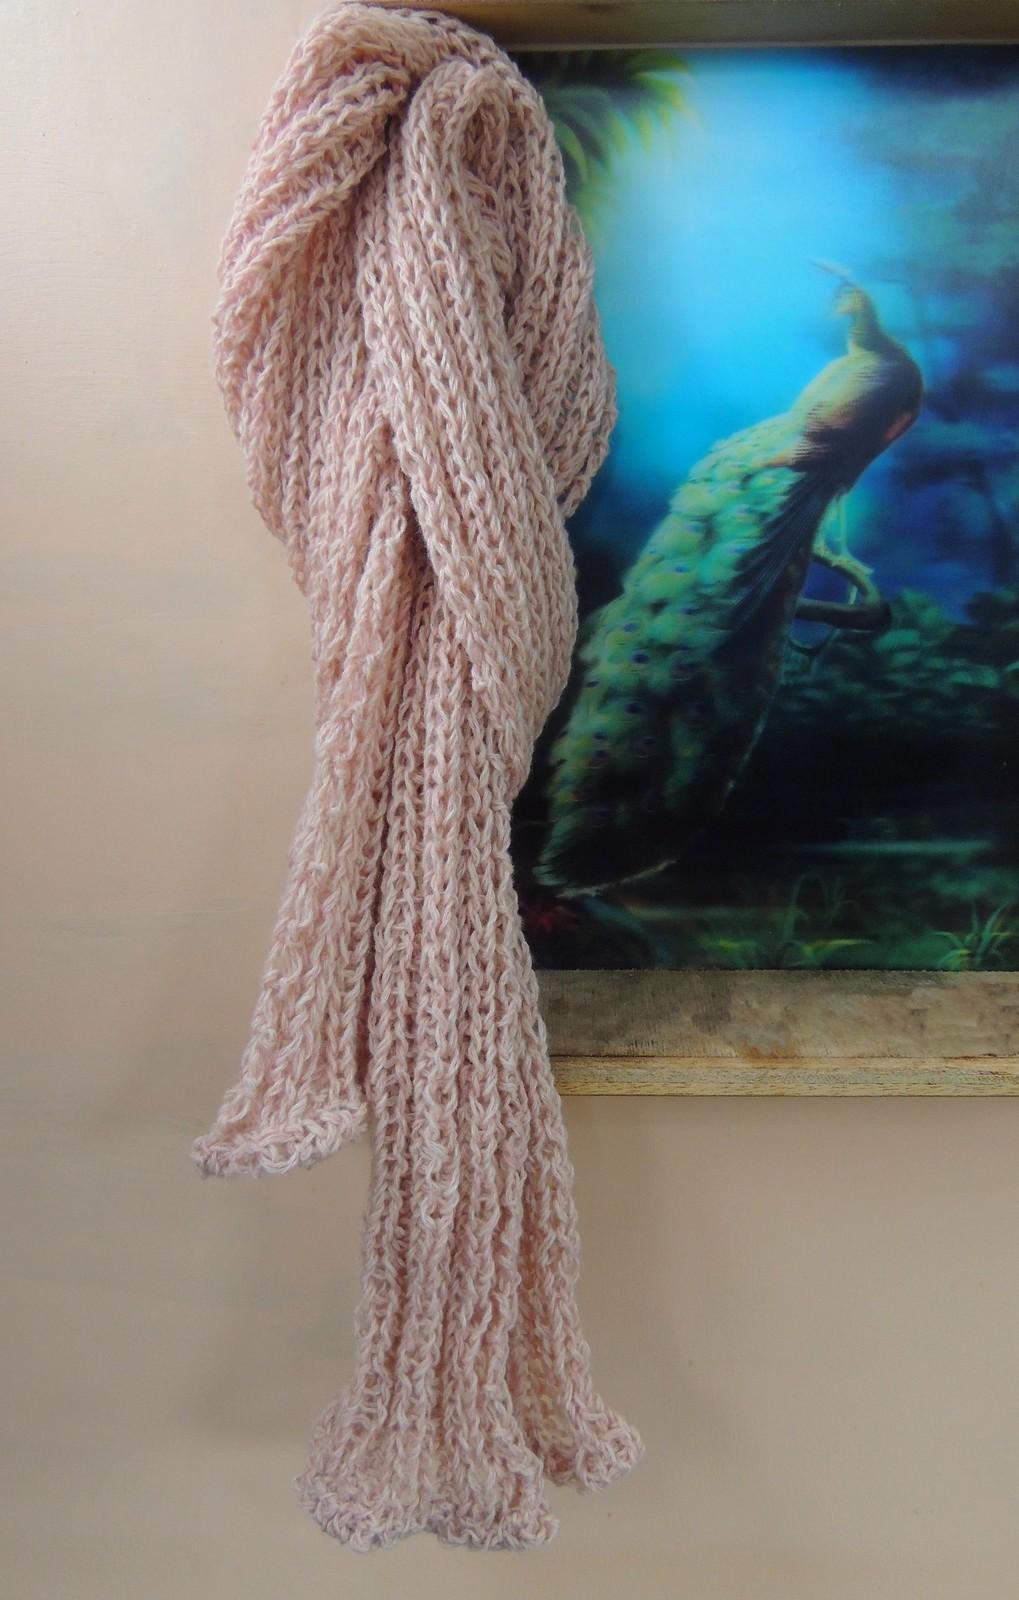 Dokonalý luxus - pletená kašmírová šála   Zboží prodejce zskncl ... ffff5c5b5e